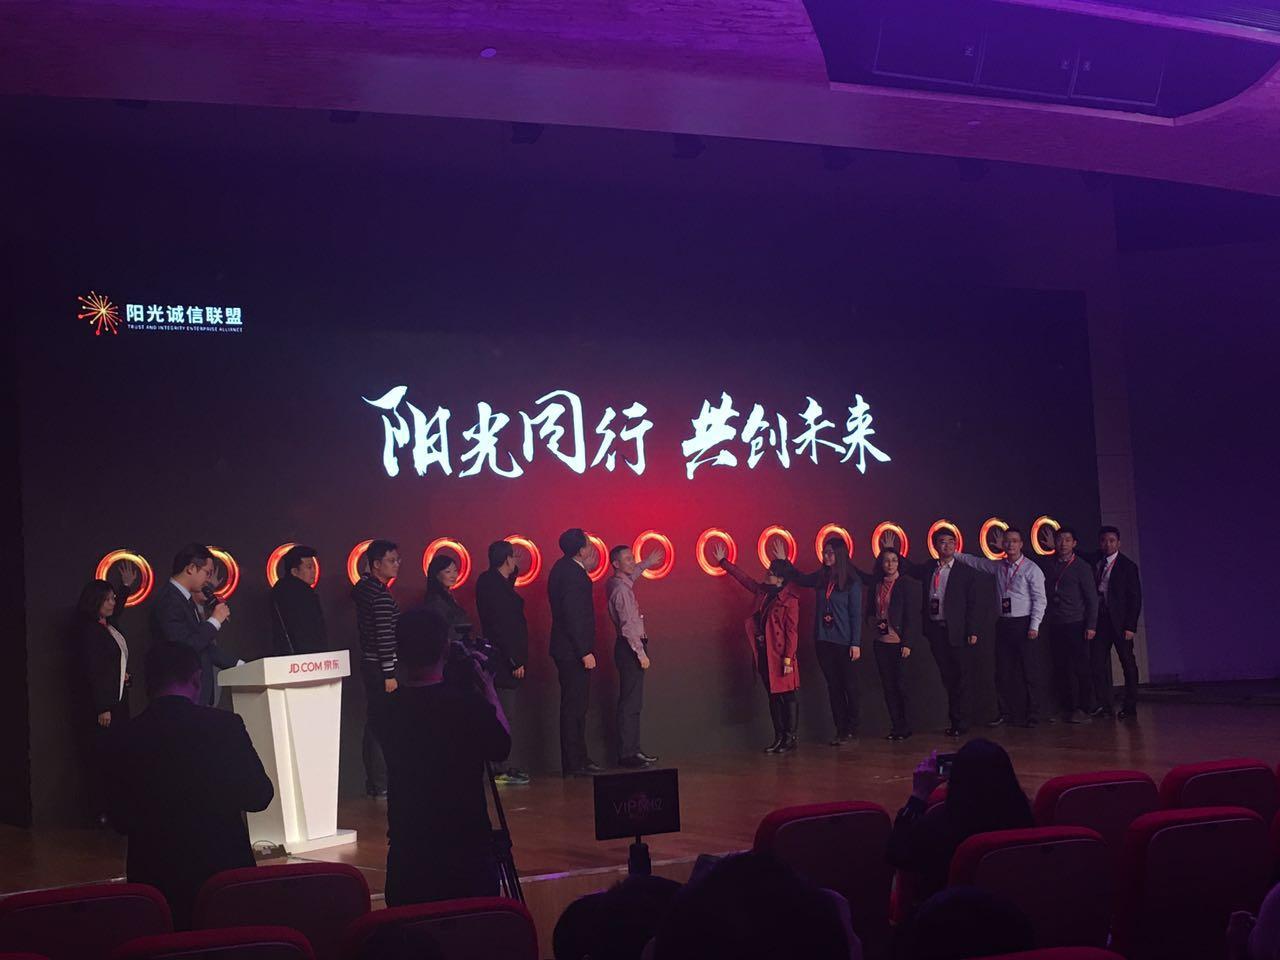 """京东联合多家企业打造""""阳光诚信联盟"""",要将失信行为一锅端"""